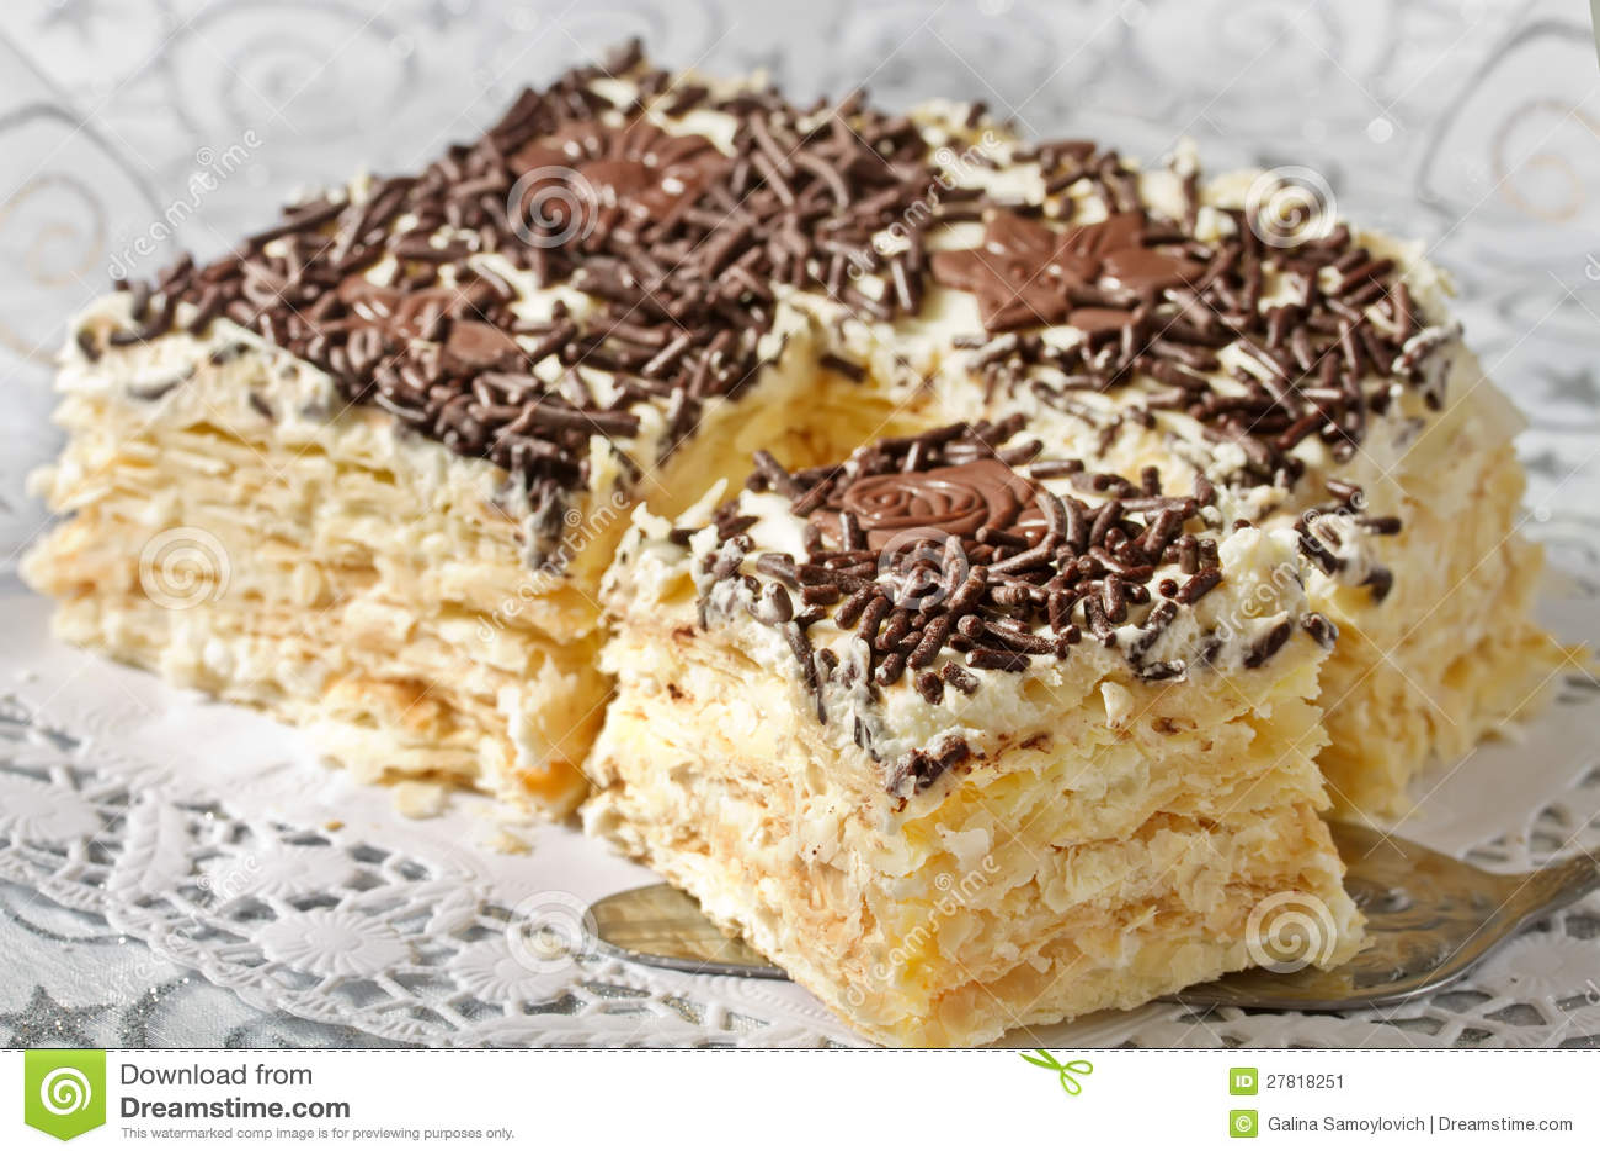 Слоеный торт со взбитыми сливками рецепт